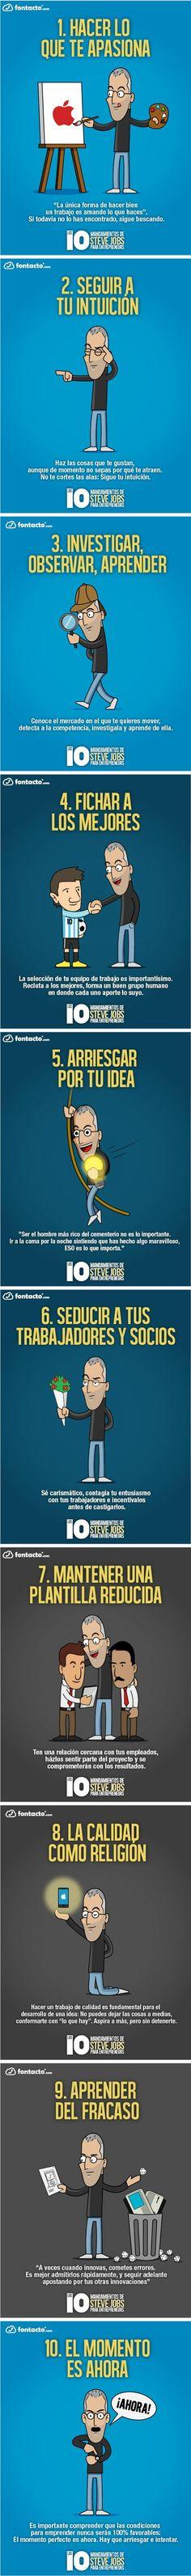 Los 10 mandamientos de Steve Jobs para emprendedores #infografia (repinned by @Ricardo Sudario Sudario Sudario Llera)